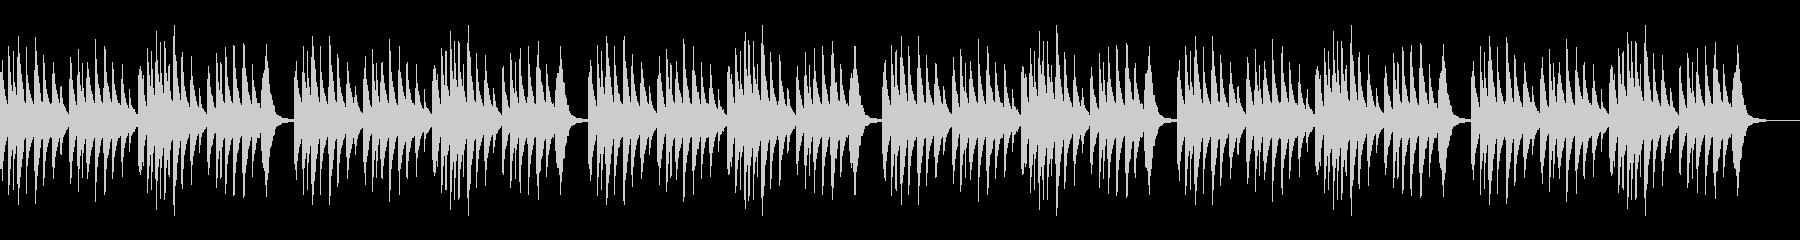 ベビーオルゴール 5 Monkeys×6の未再生の波形